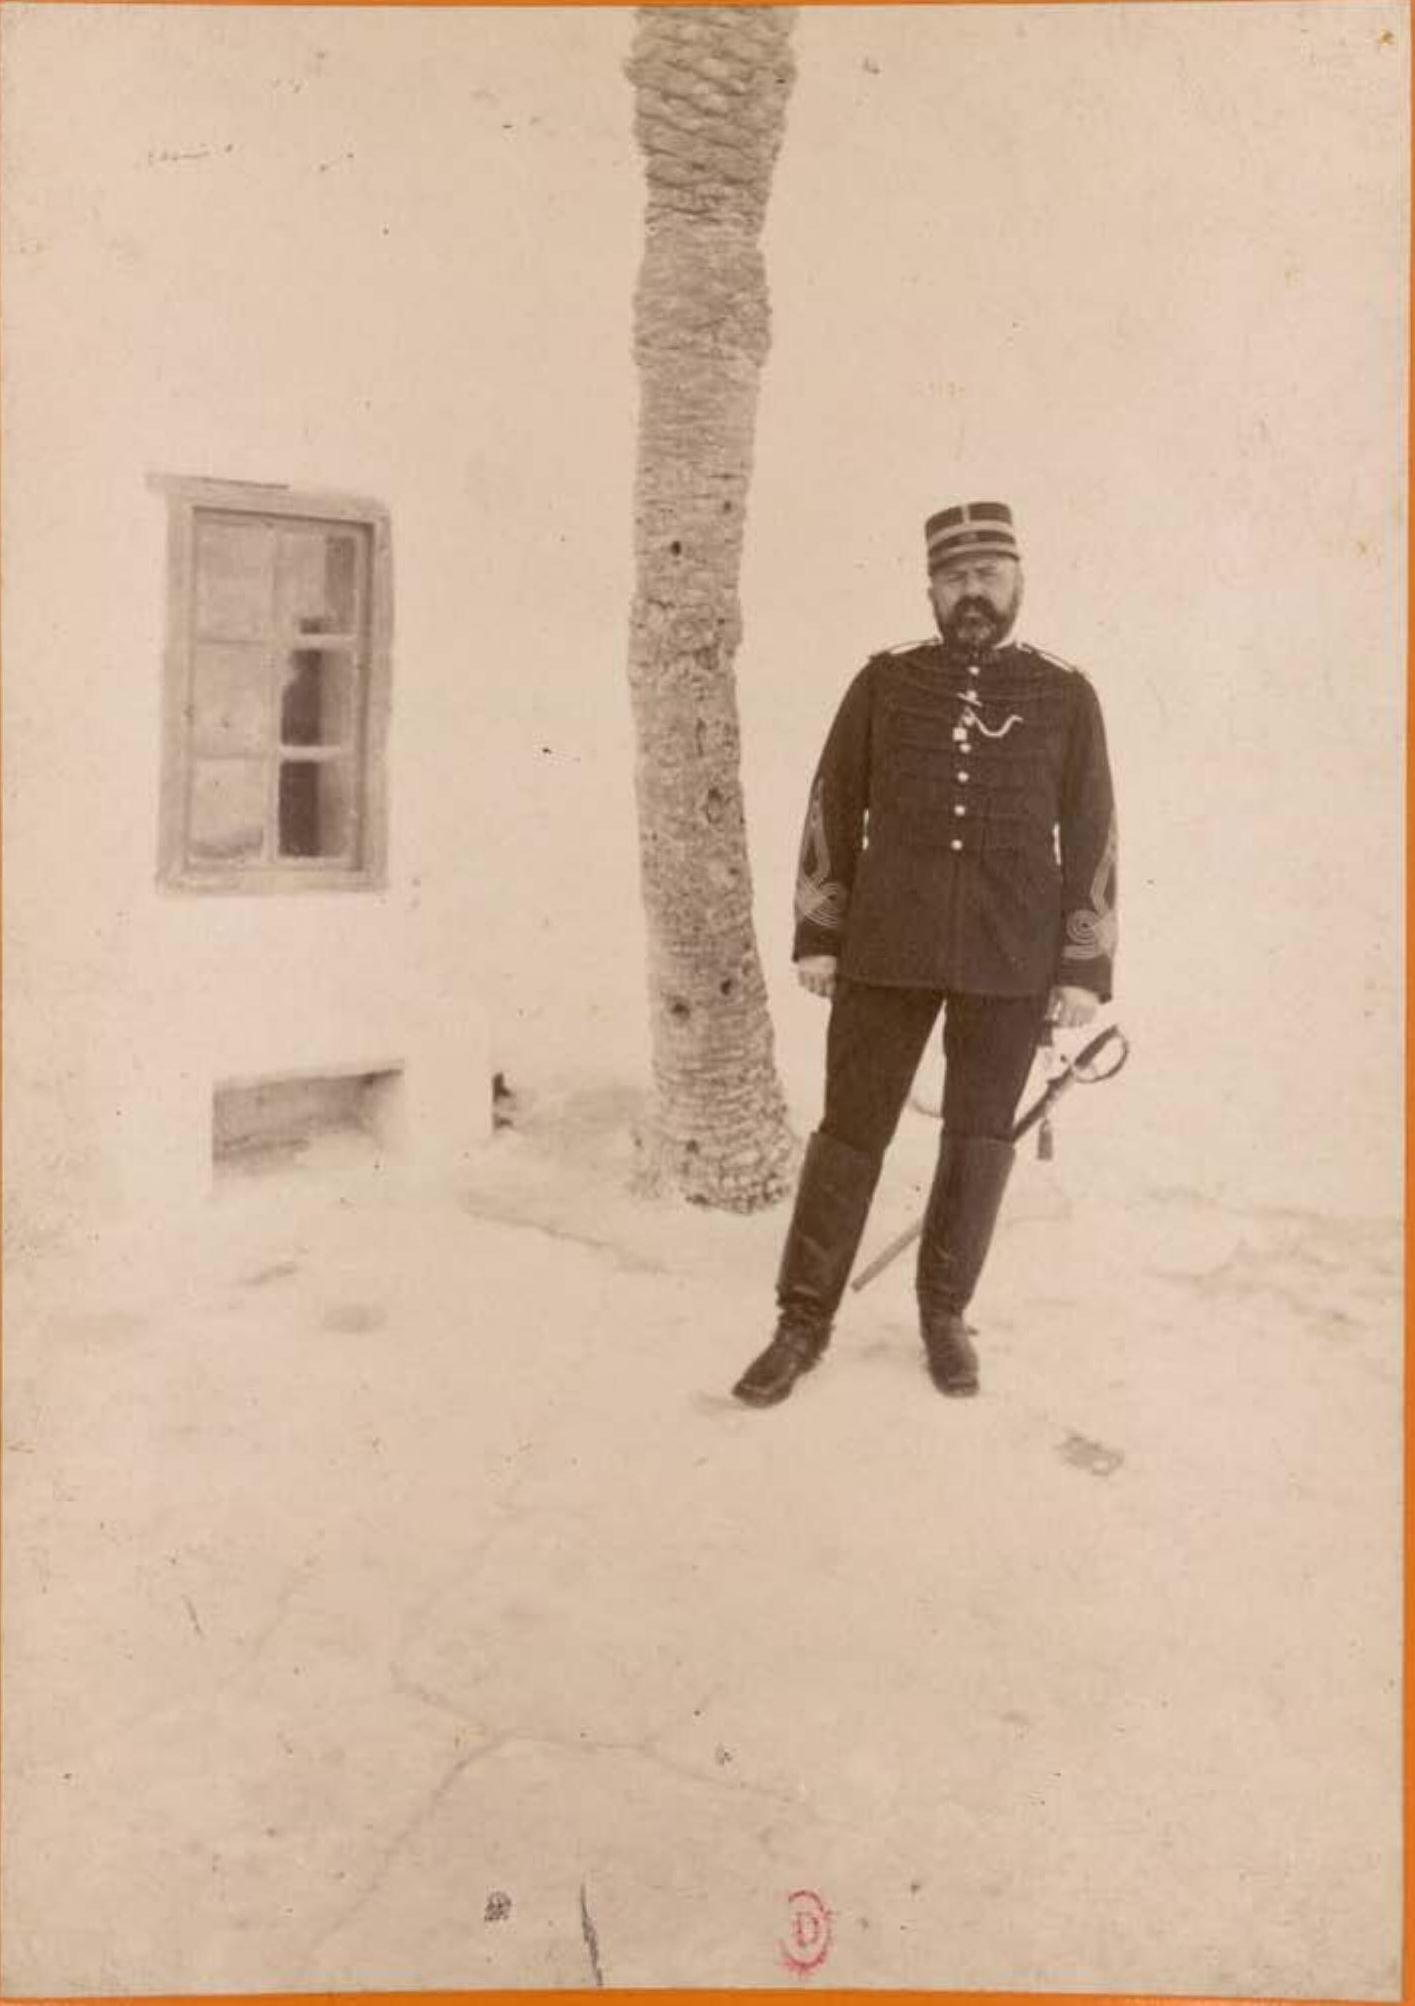 Археологическая миссия в Тунисе. Офицер